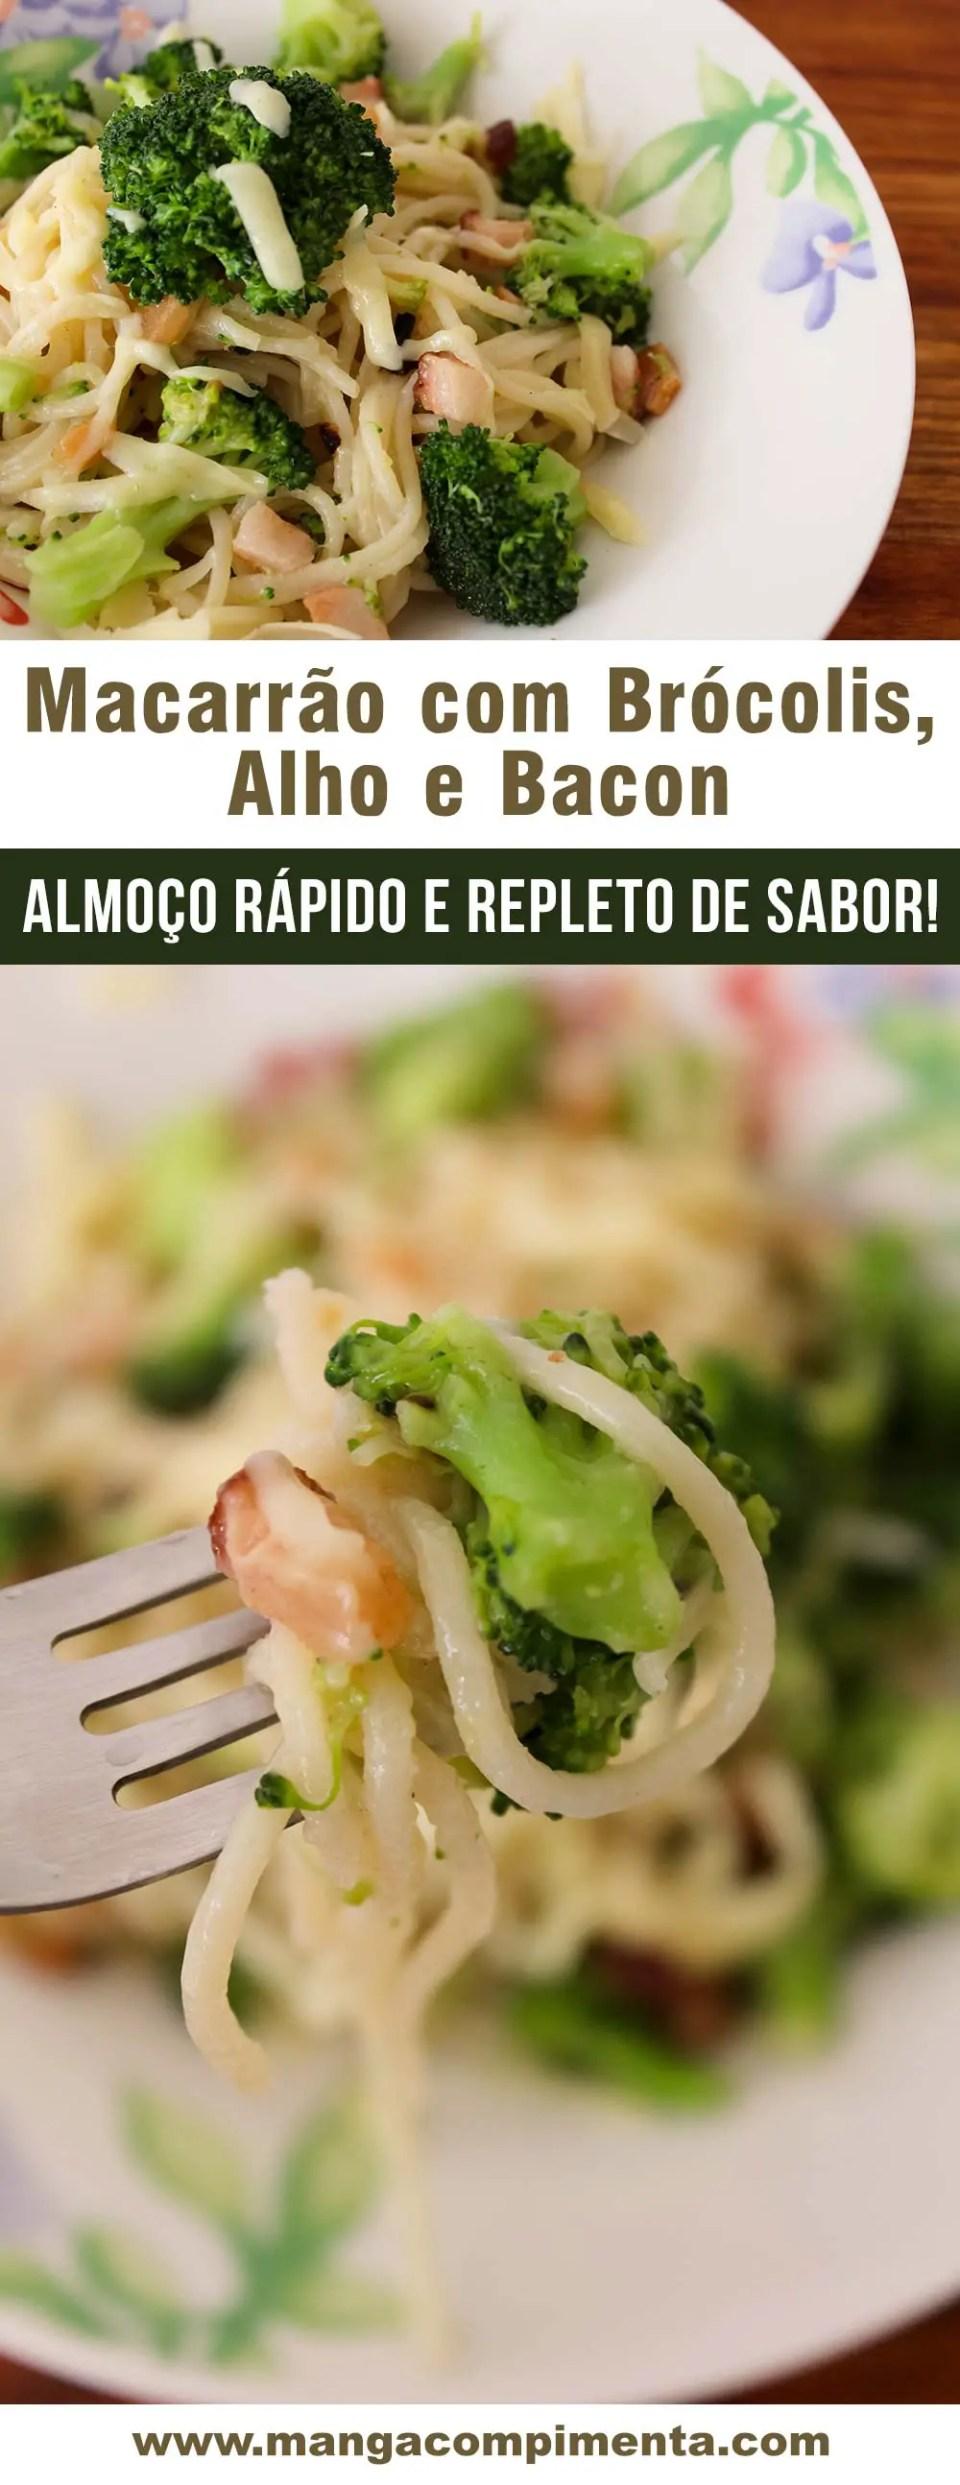 Macarrão com Brócolis, Alho e Bacon | Almoço delícia para o dia a dia!